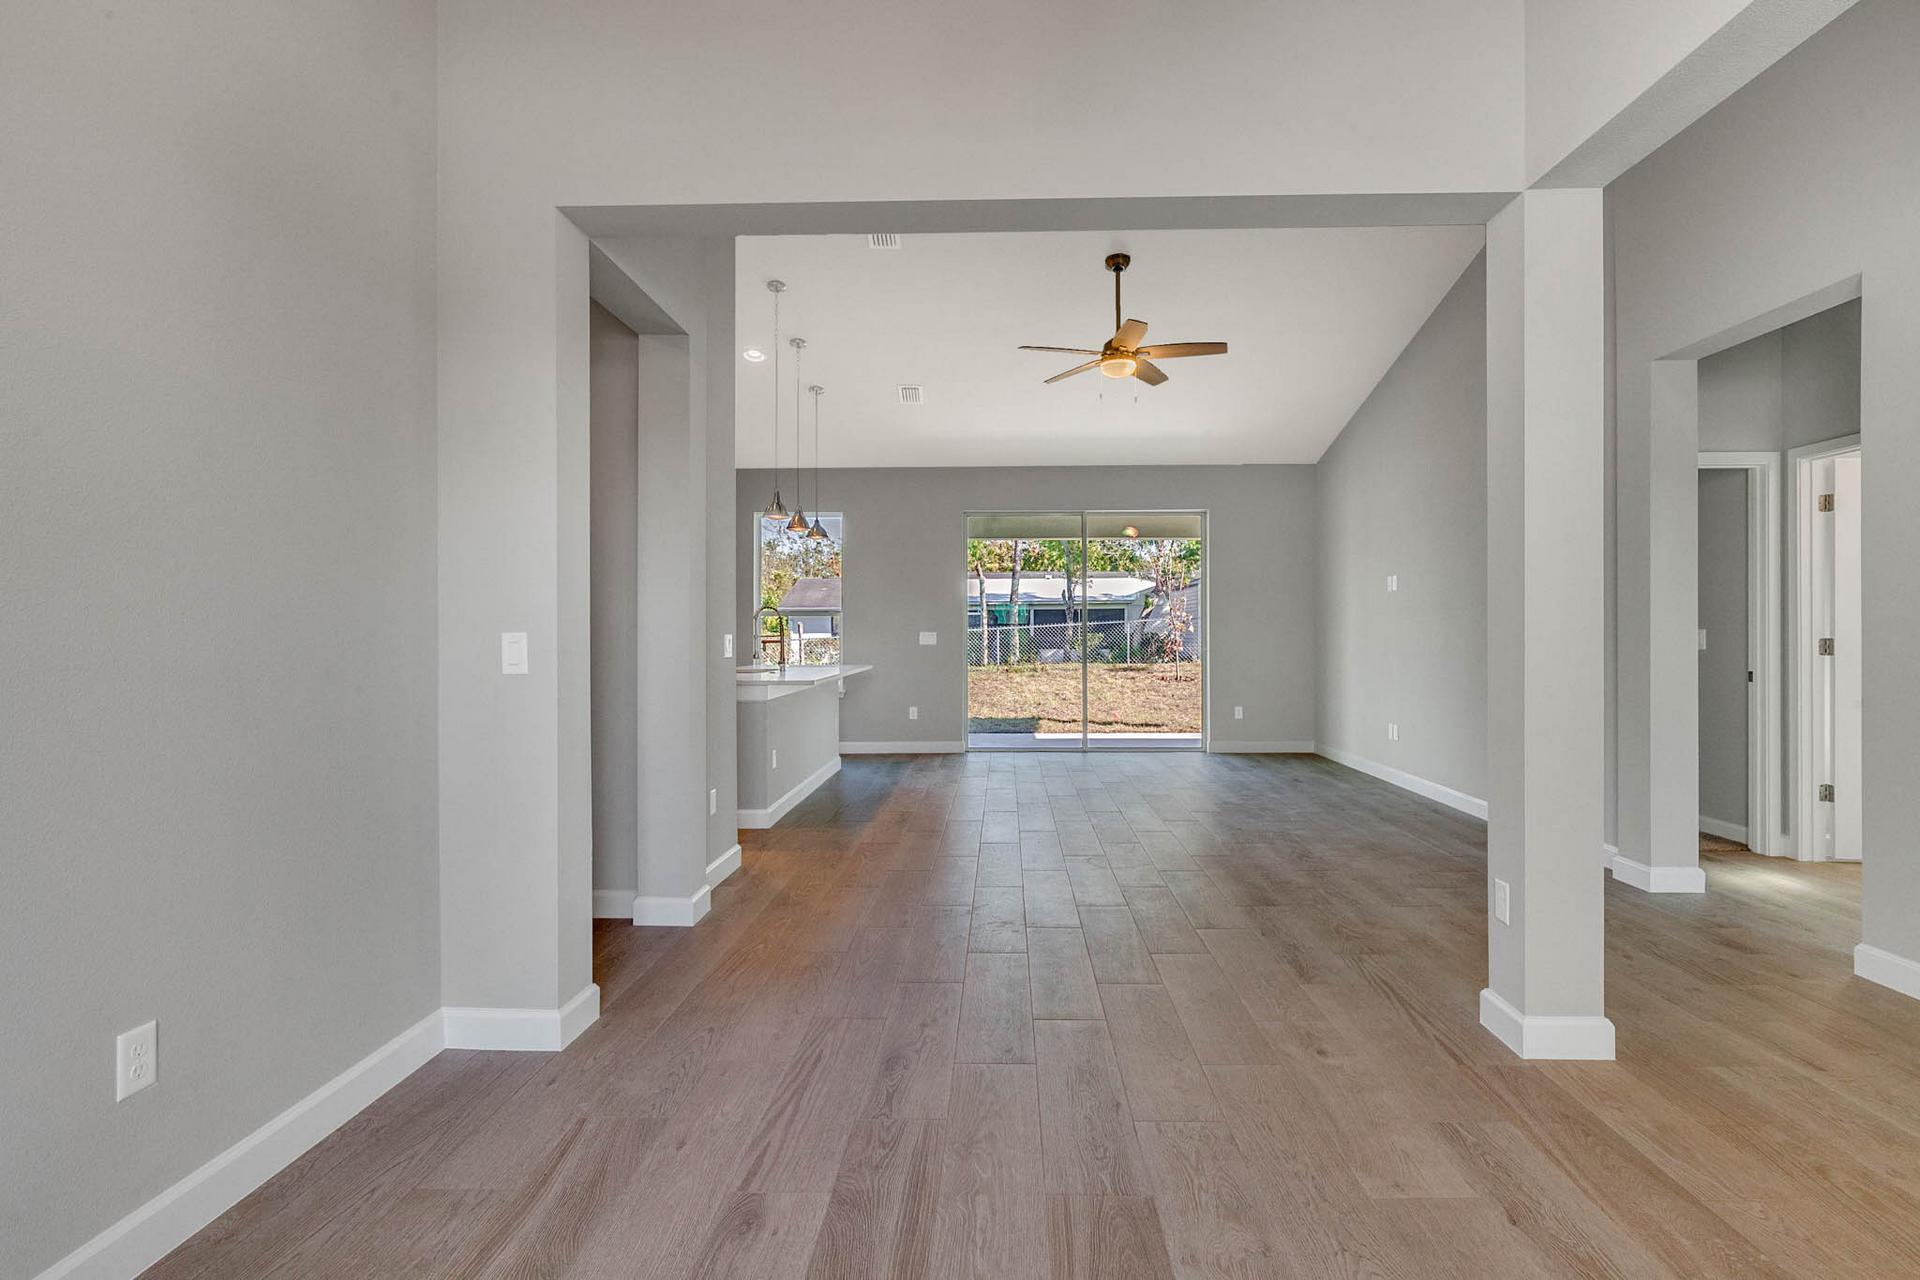 1857 Urbana Ave- Deltona FL 32725  - 08